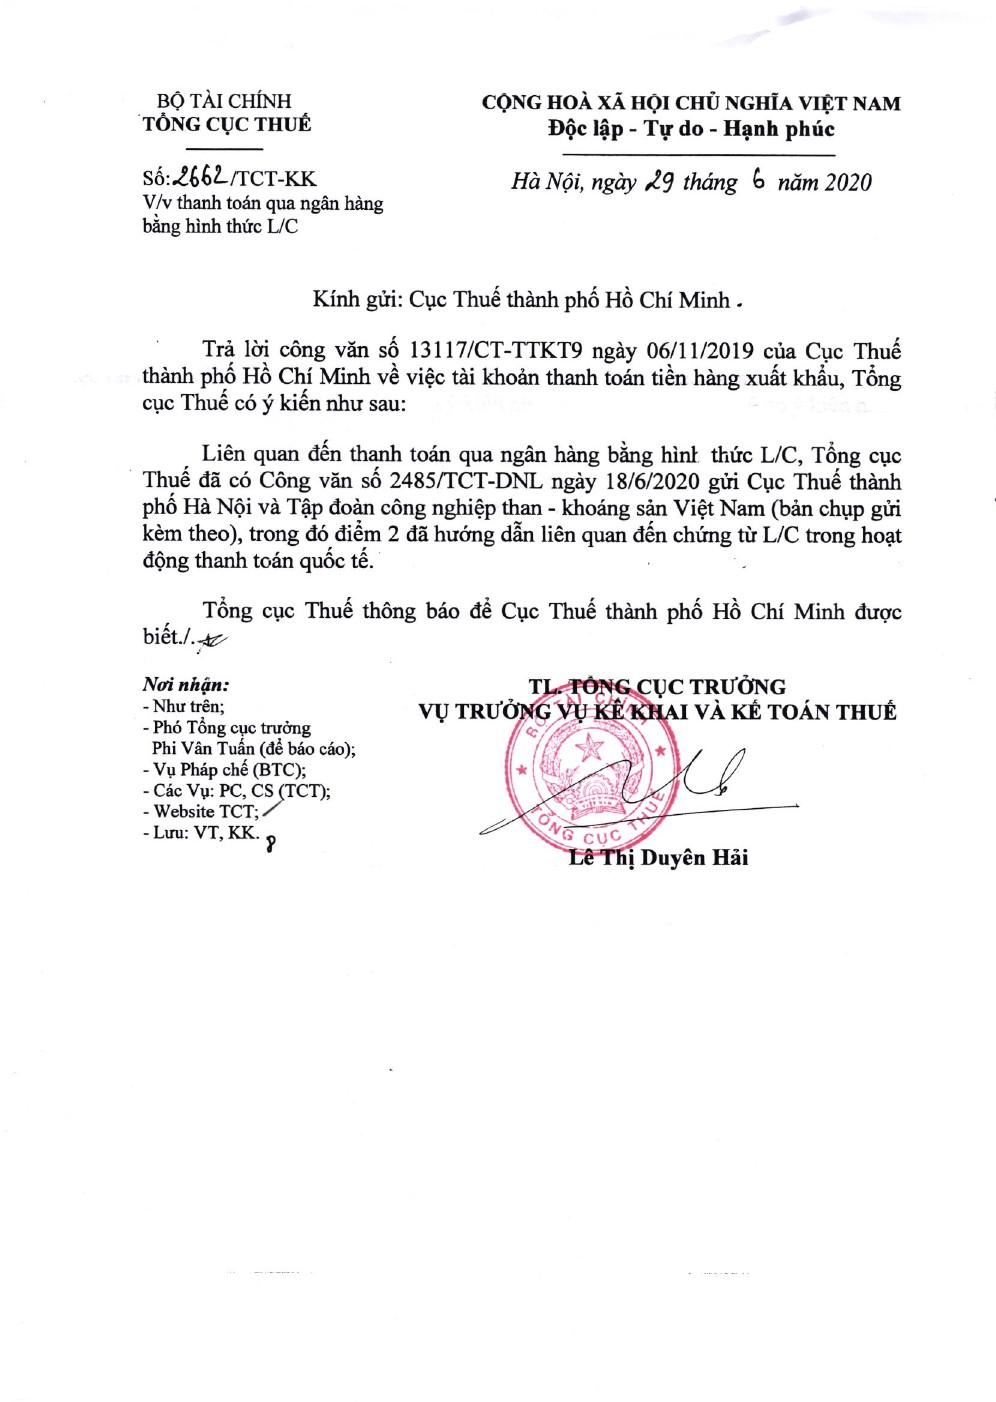 Công văn số 2662/TCT-KK của Tổng cục Thuế ngày 29/06/2020 v/v thanh toán qua ngân hàng bằng hình thức L/C